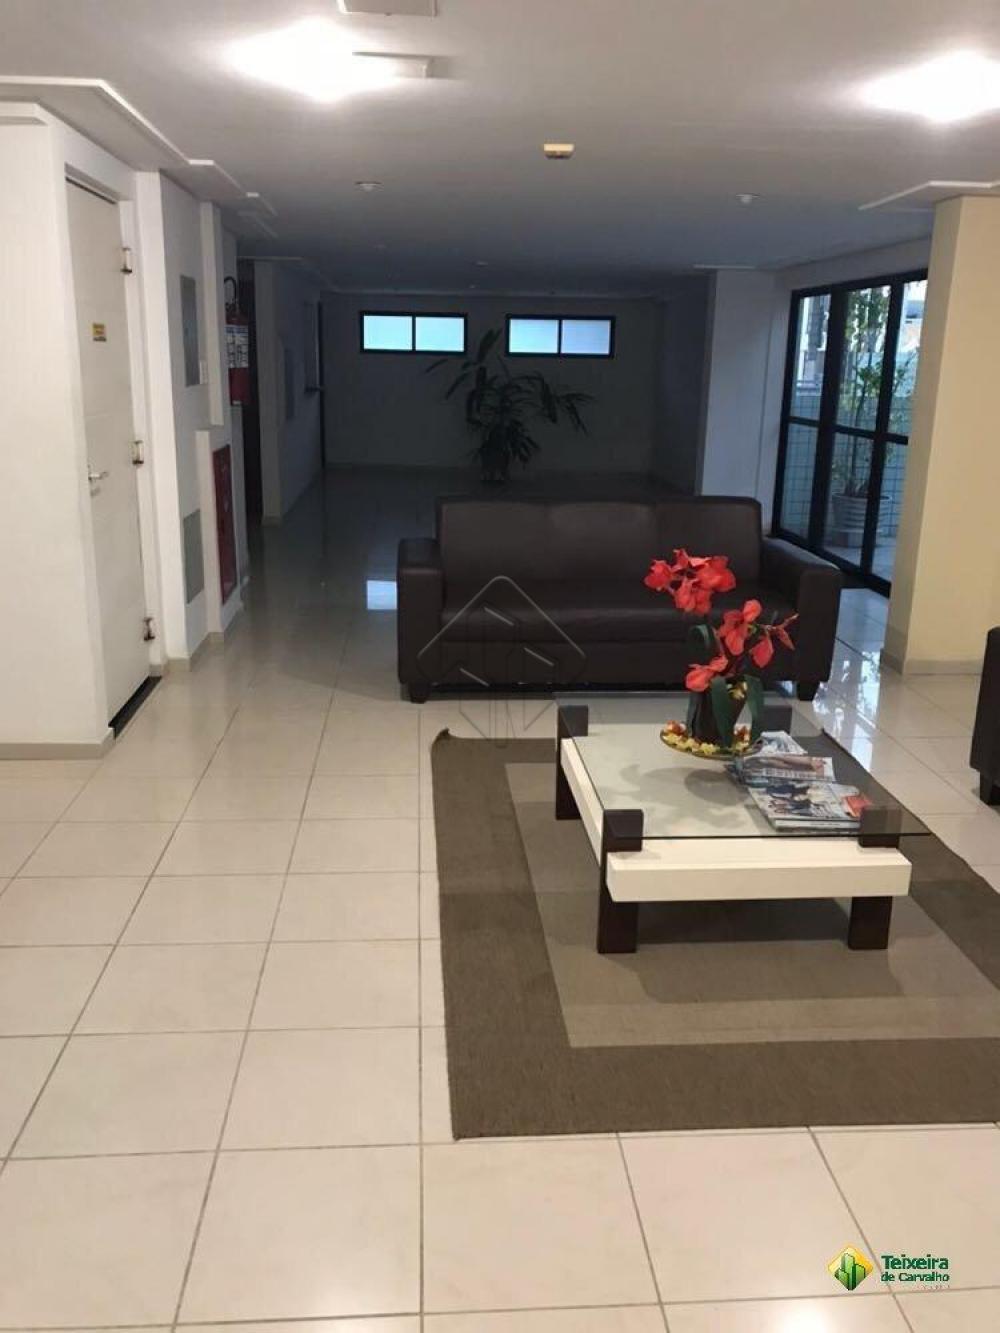 Comprar Apartamento / Flat em João Pessoa apenas R$ 250.000,00 - Foto 8